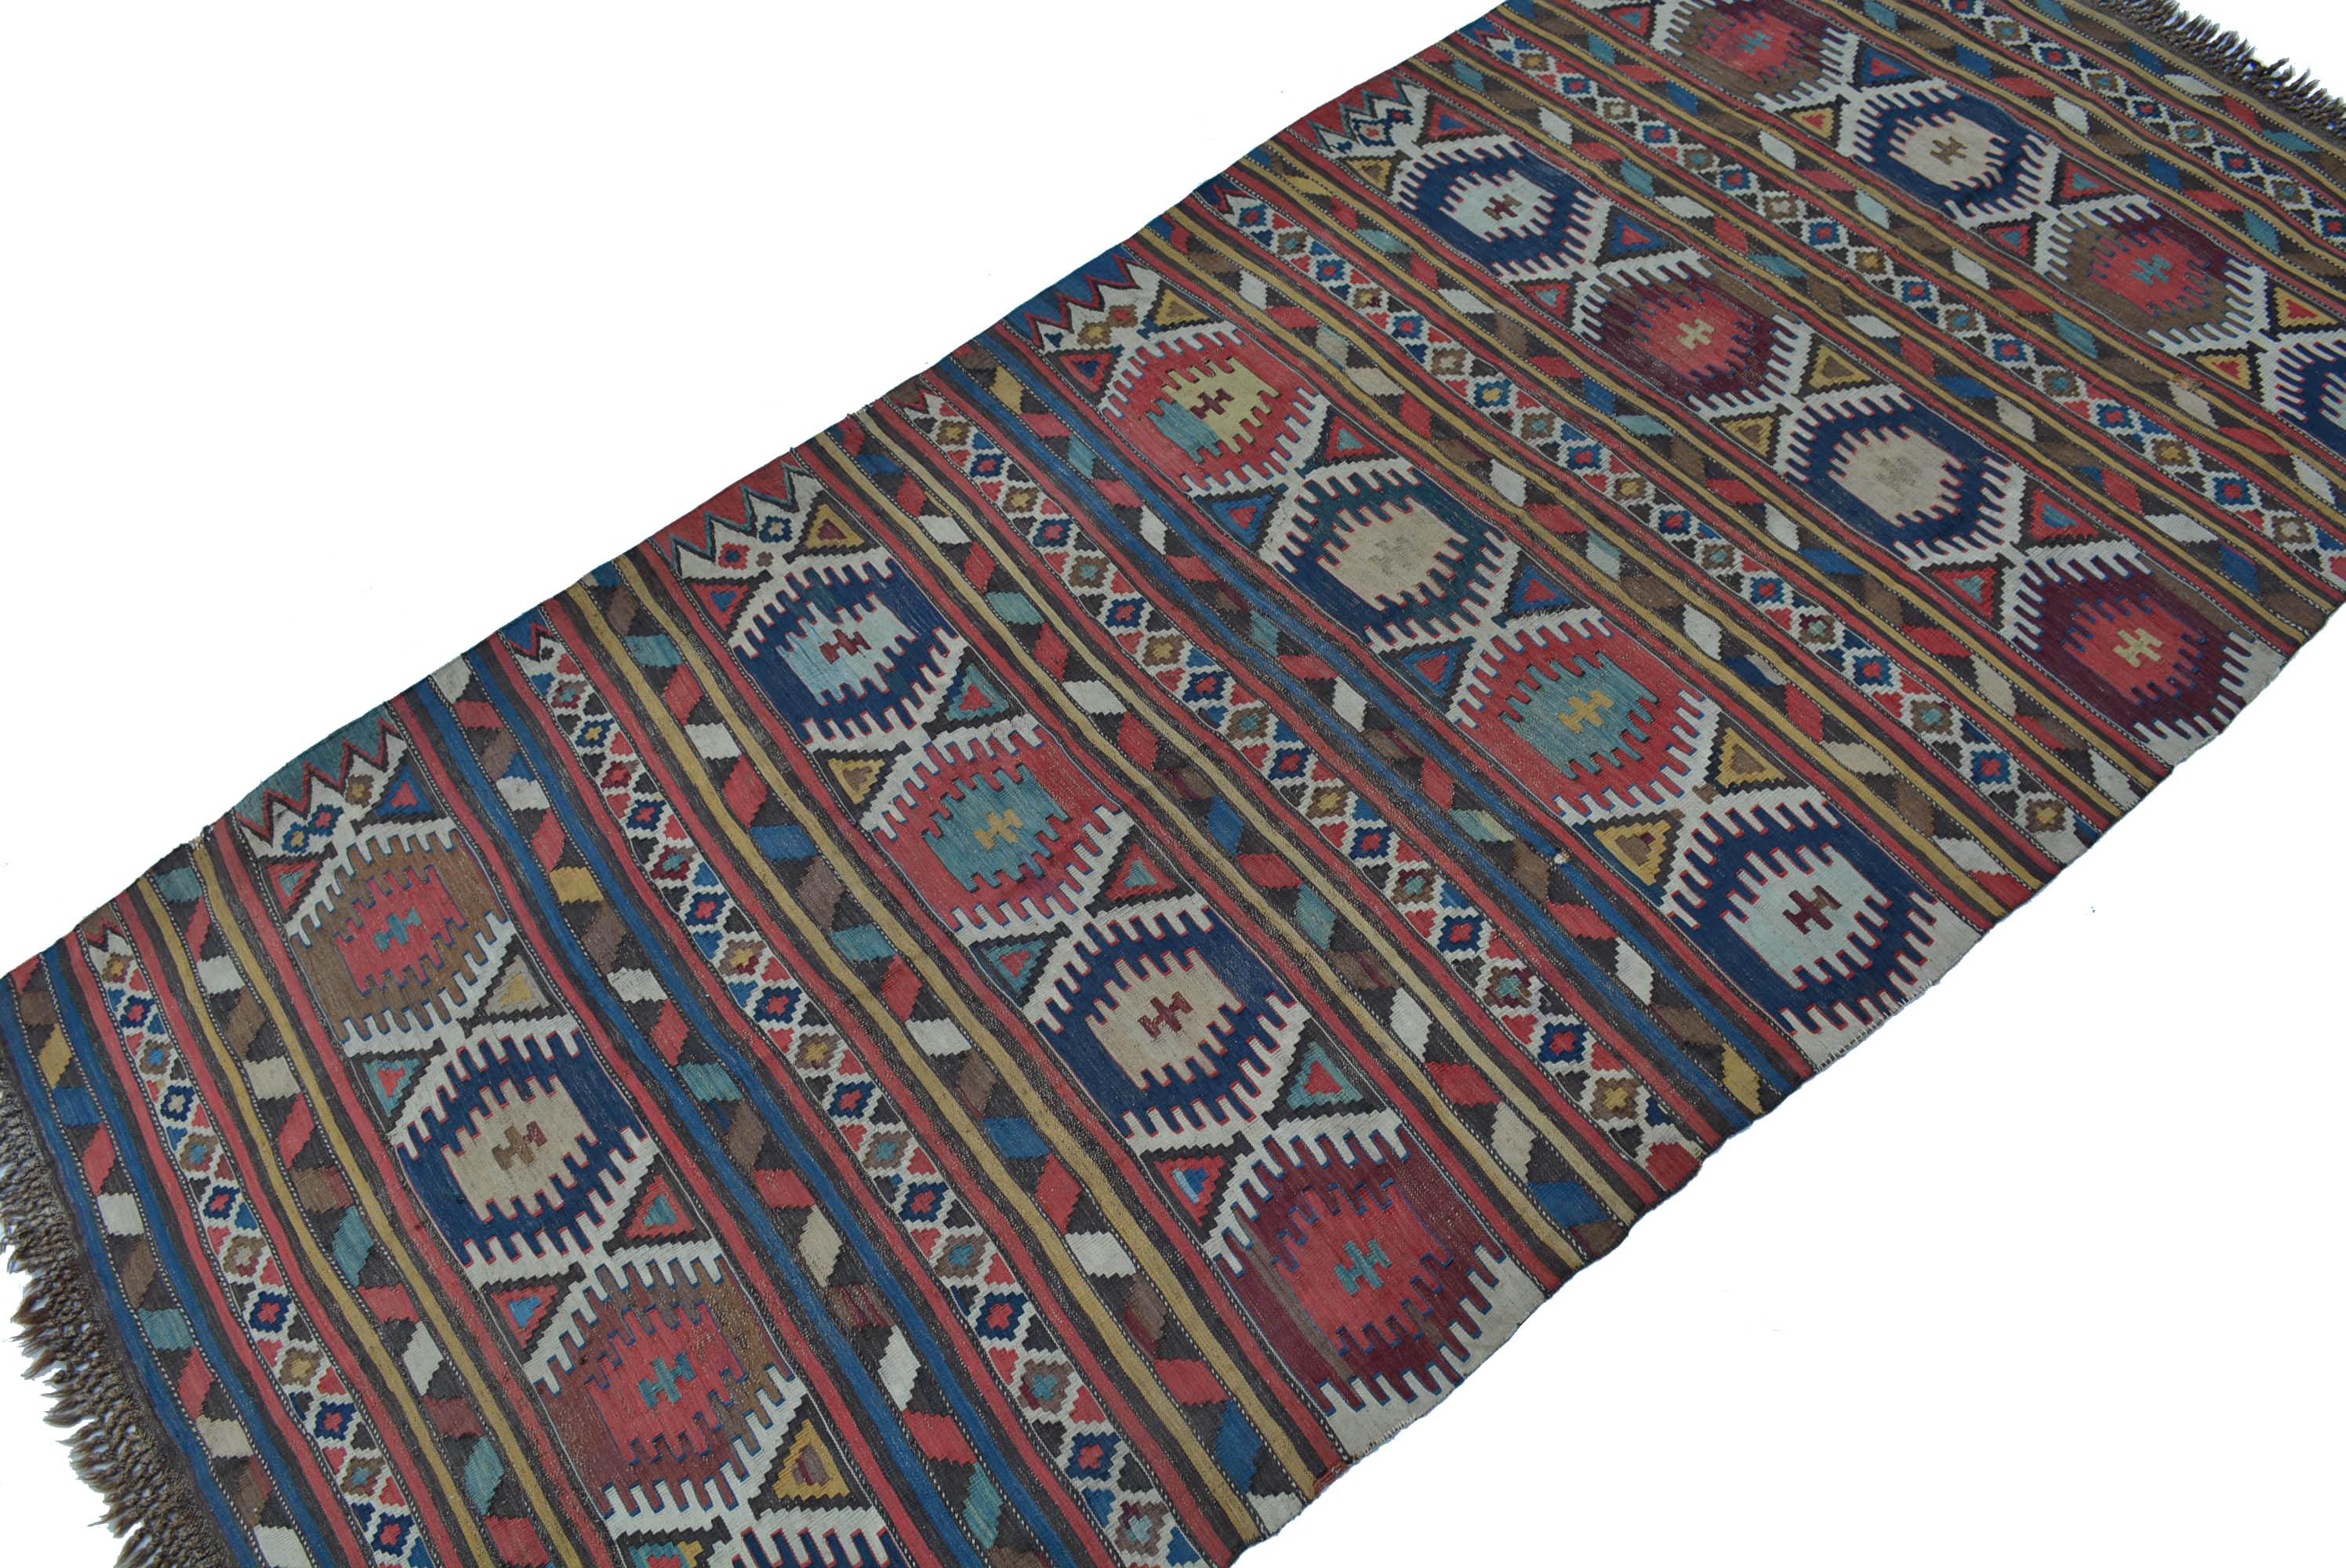 antik kaukasus kelim teppich wolle gewebt 290x134 kazak kilim rug tappeto tapis ebay. Black Bedroom Furniture Sets. Home Design Ideas